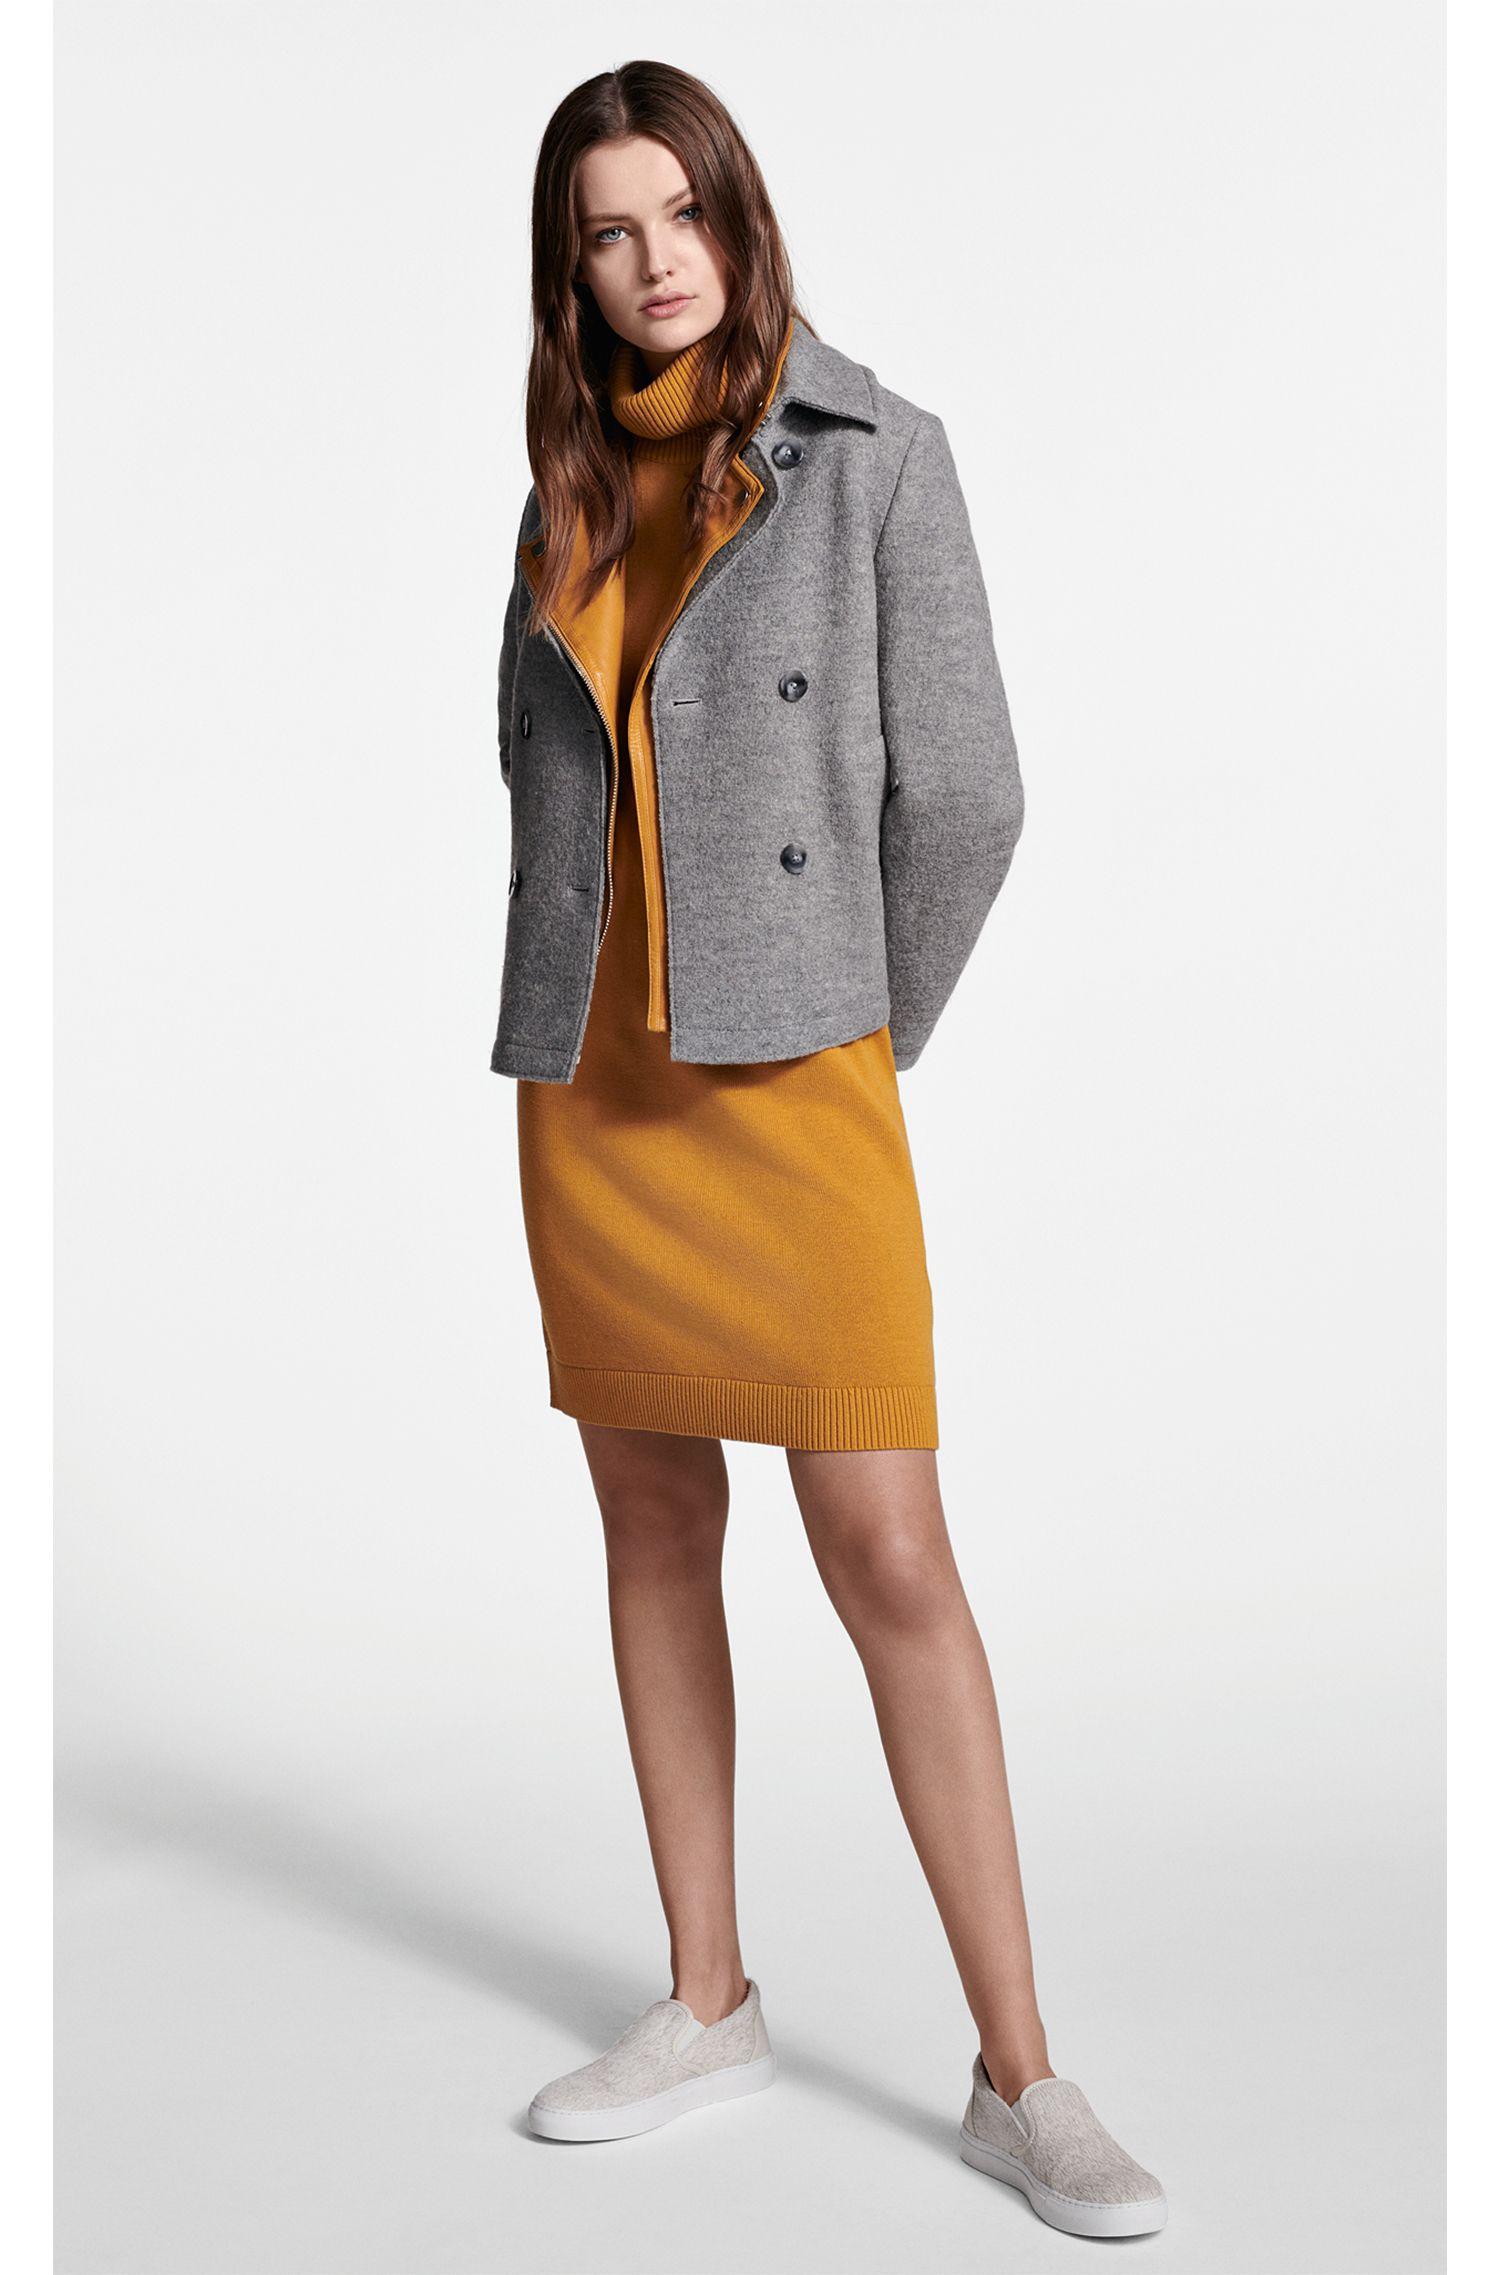 Manteau de style caban en laine vierge, avec martingale amovible, Argent